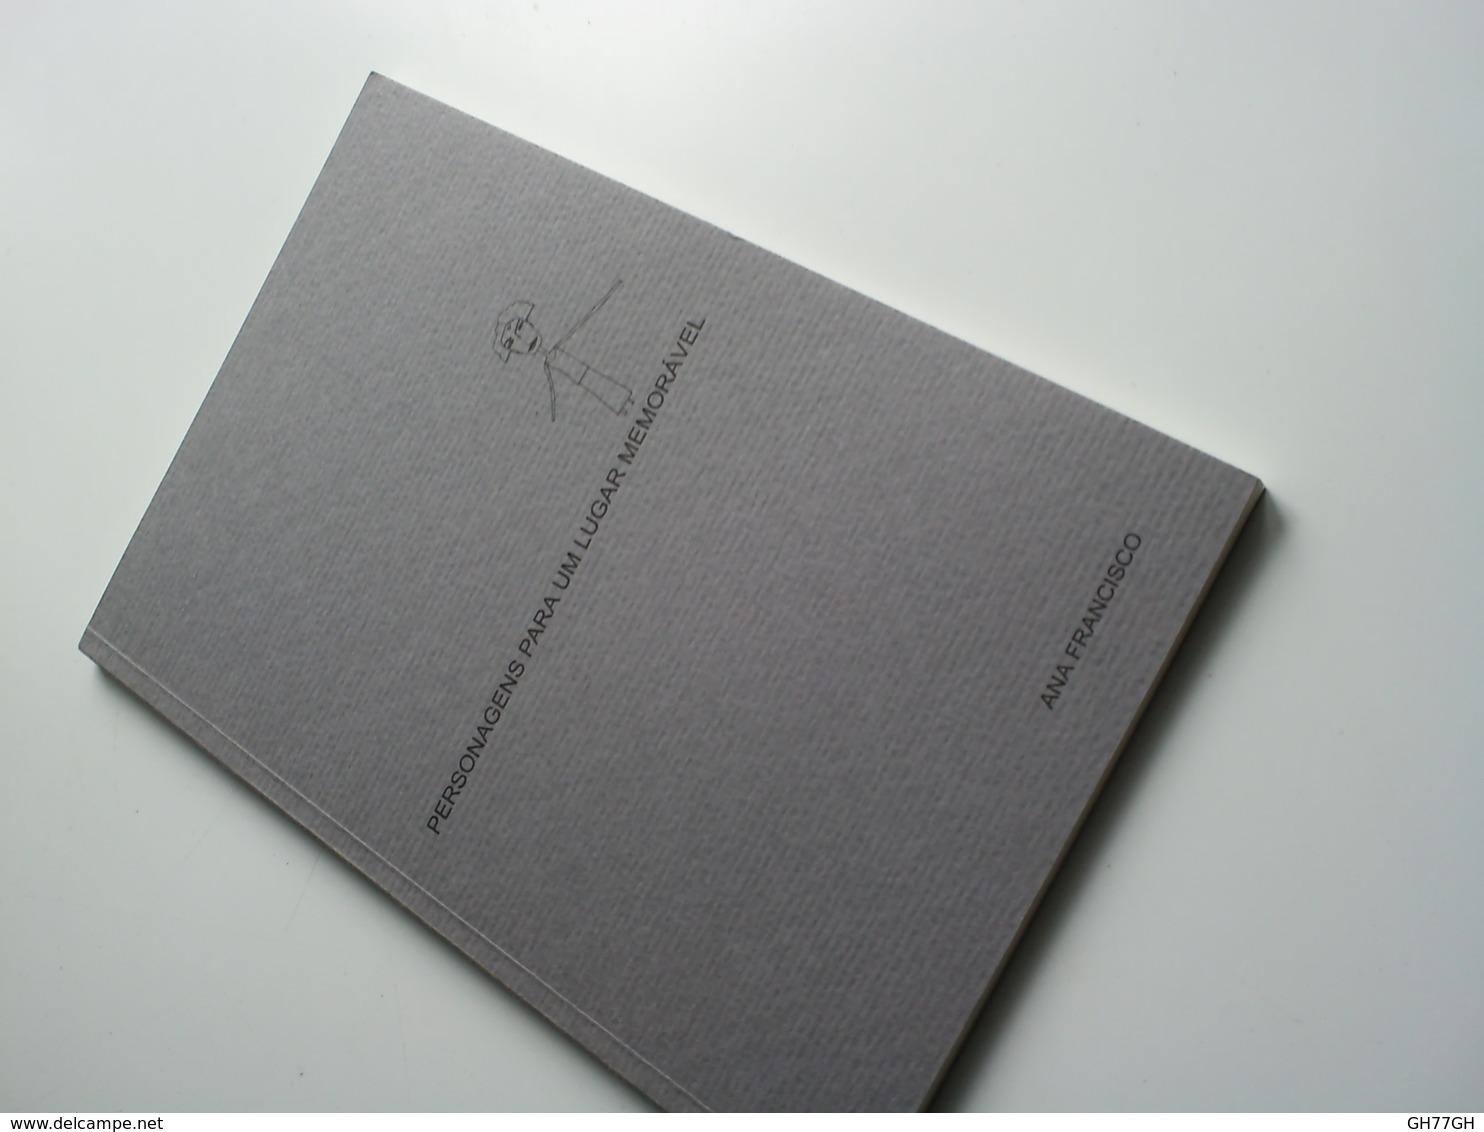 Personagens Para Um Lugar Memoravel -Ana Francisco. -Black Son 2003 (editor) - Poetry